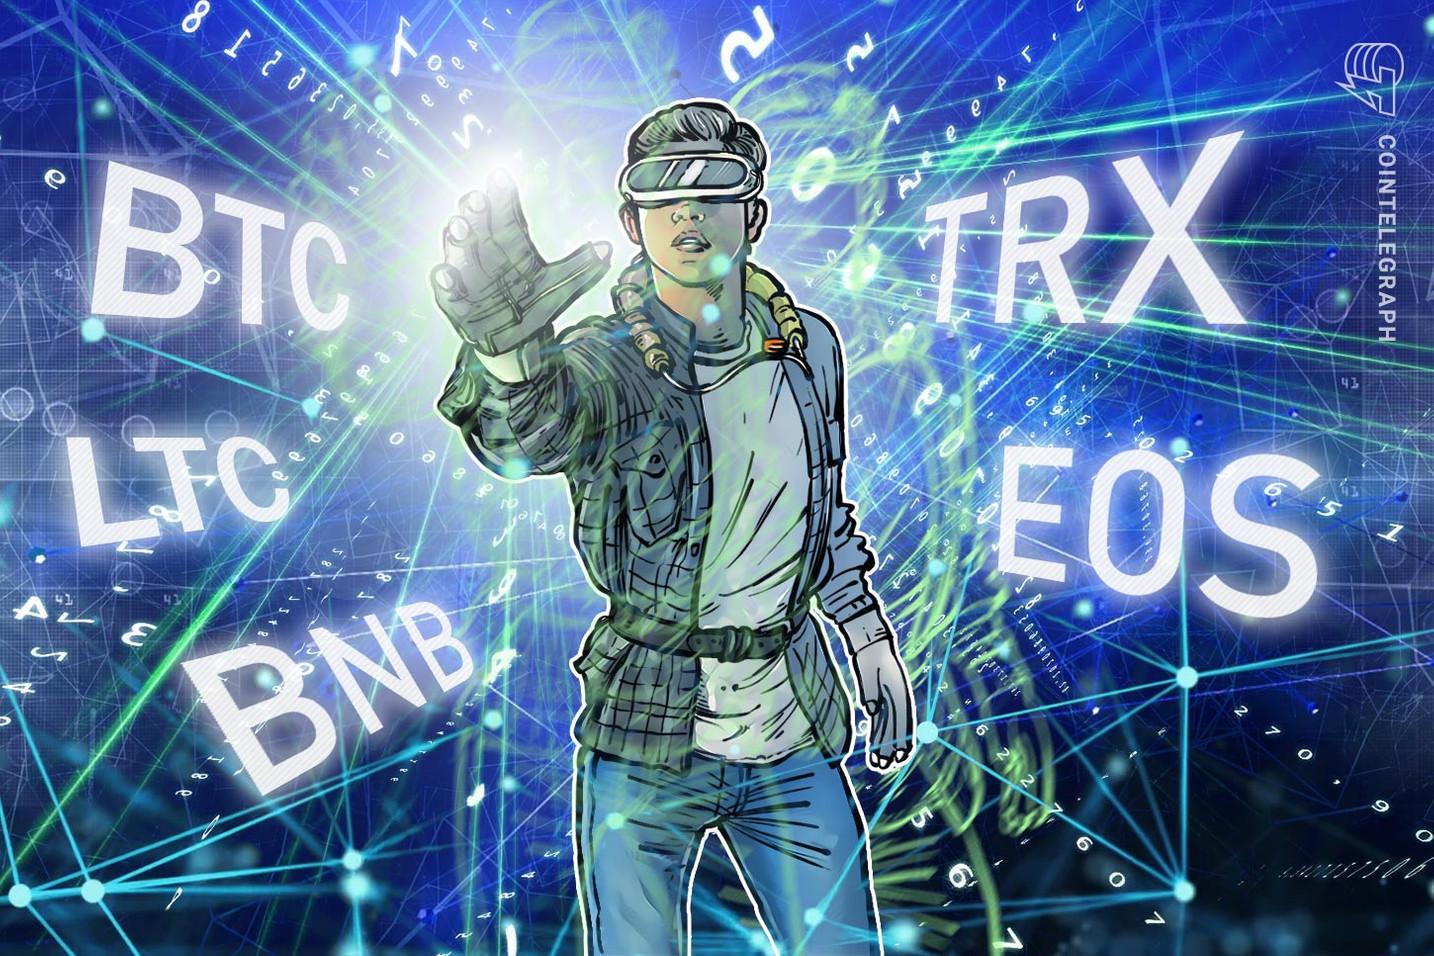 Übersicht über die Top-5-Krypto-Performer: EOS, Binance Coin, TRON, Litecoin, Bitcoin